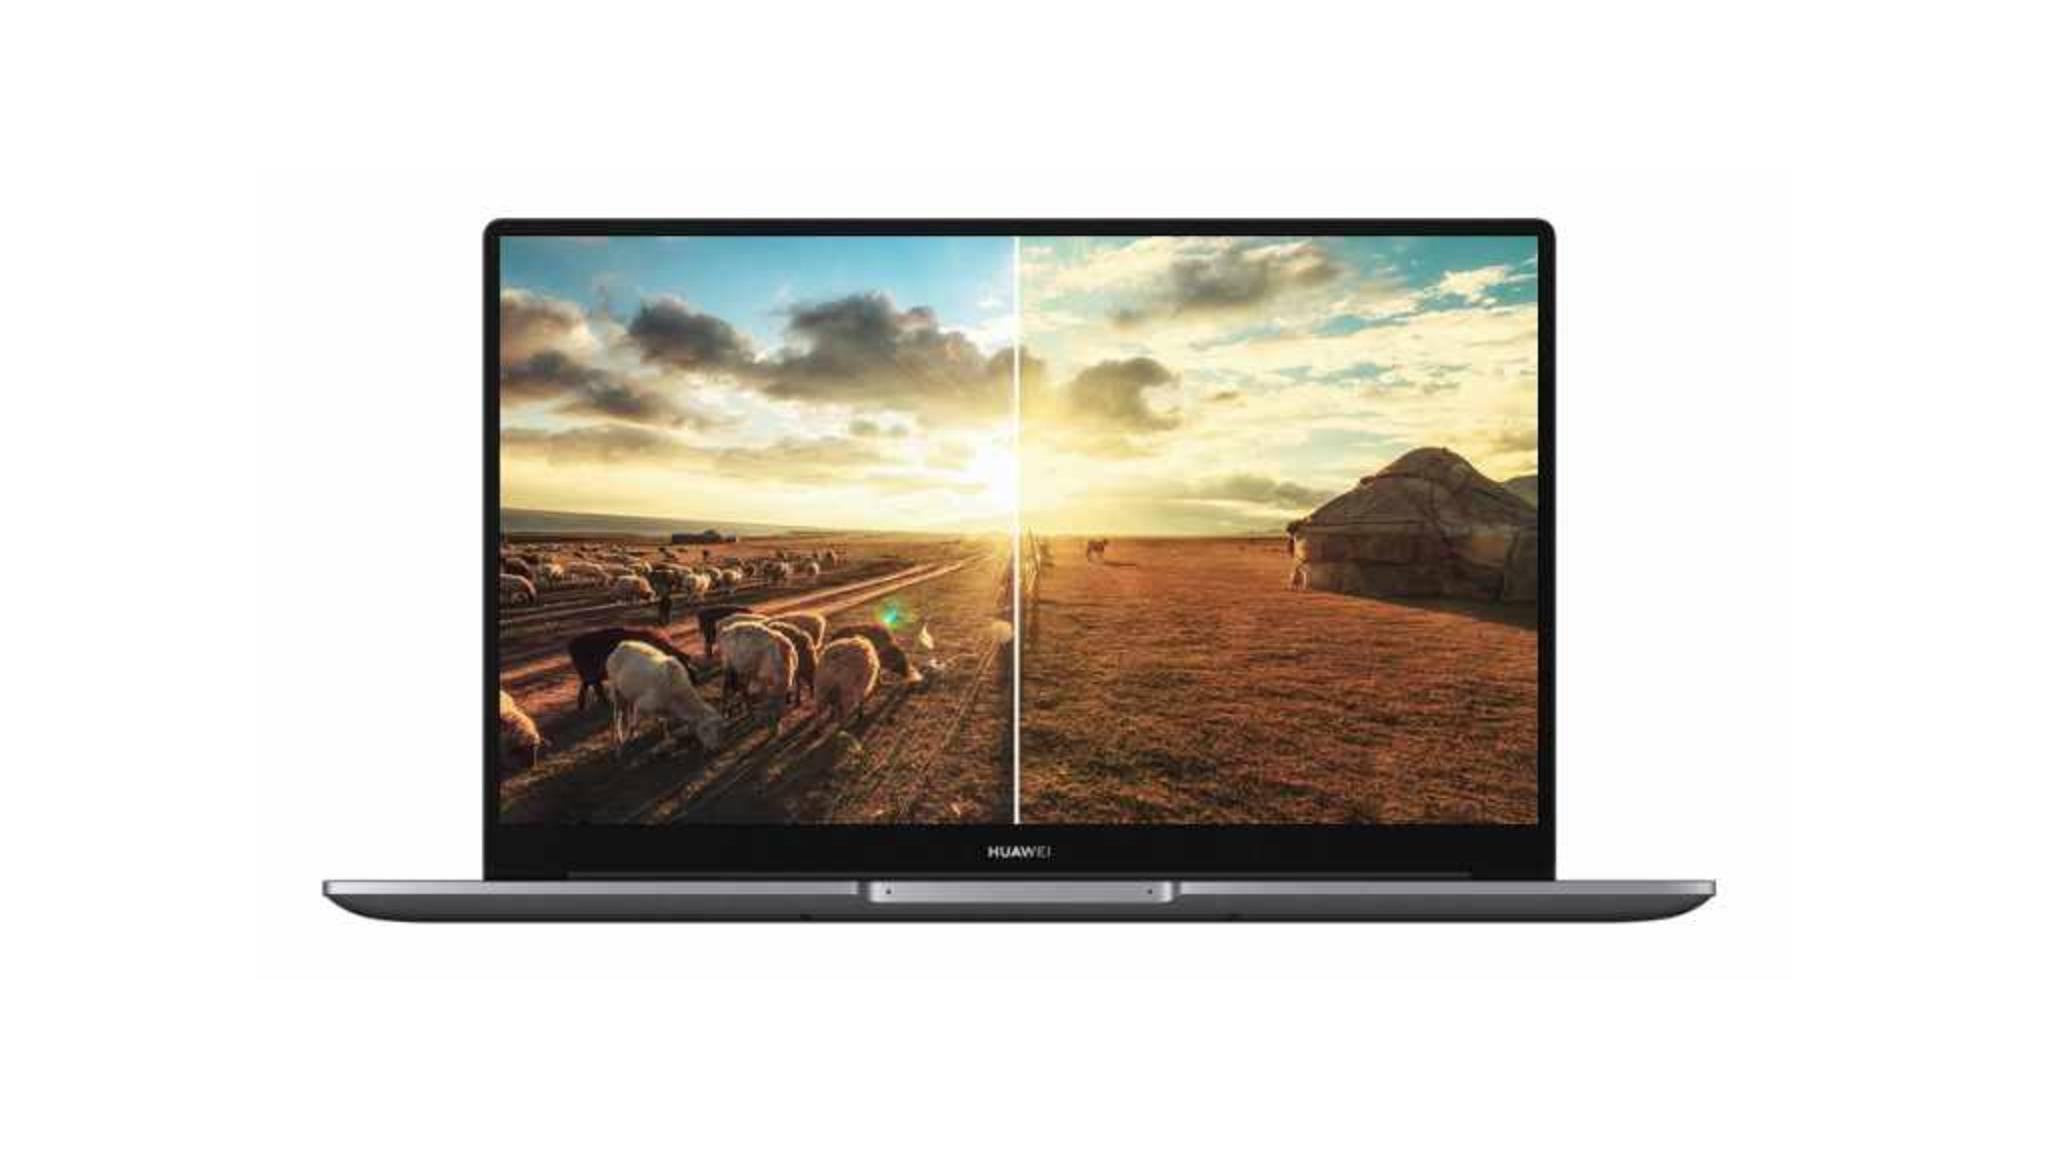 Huawei-MateBook-D15-1